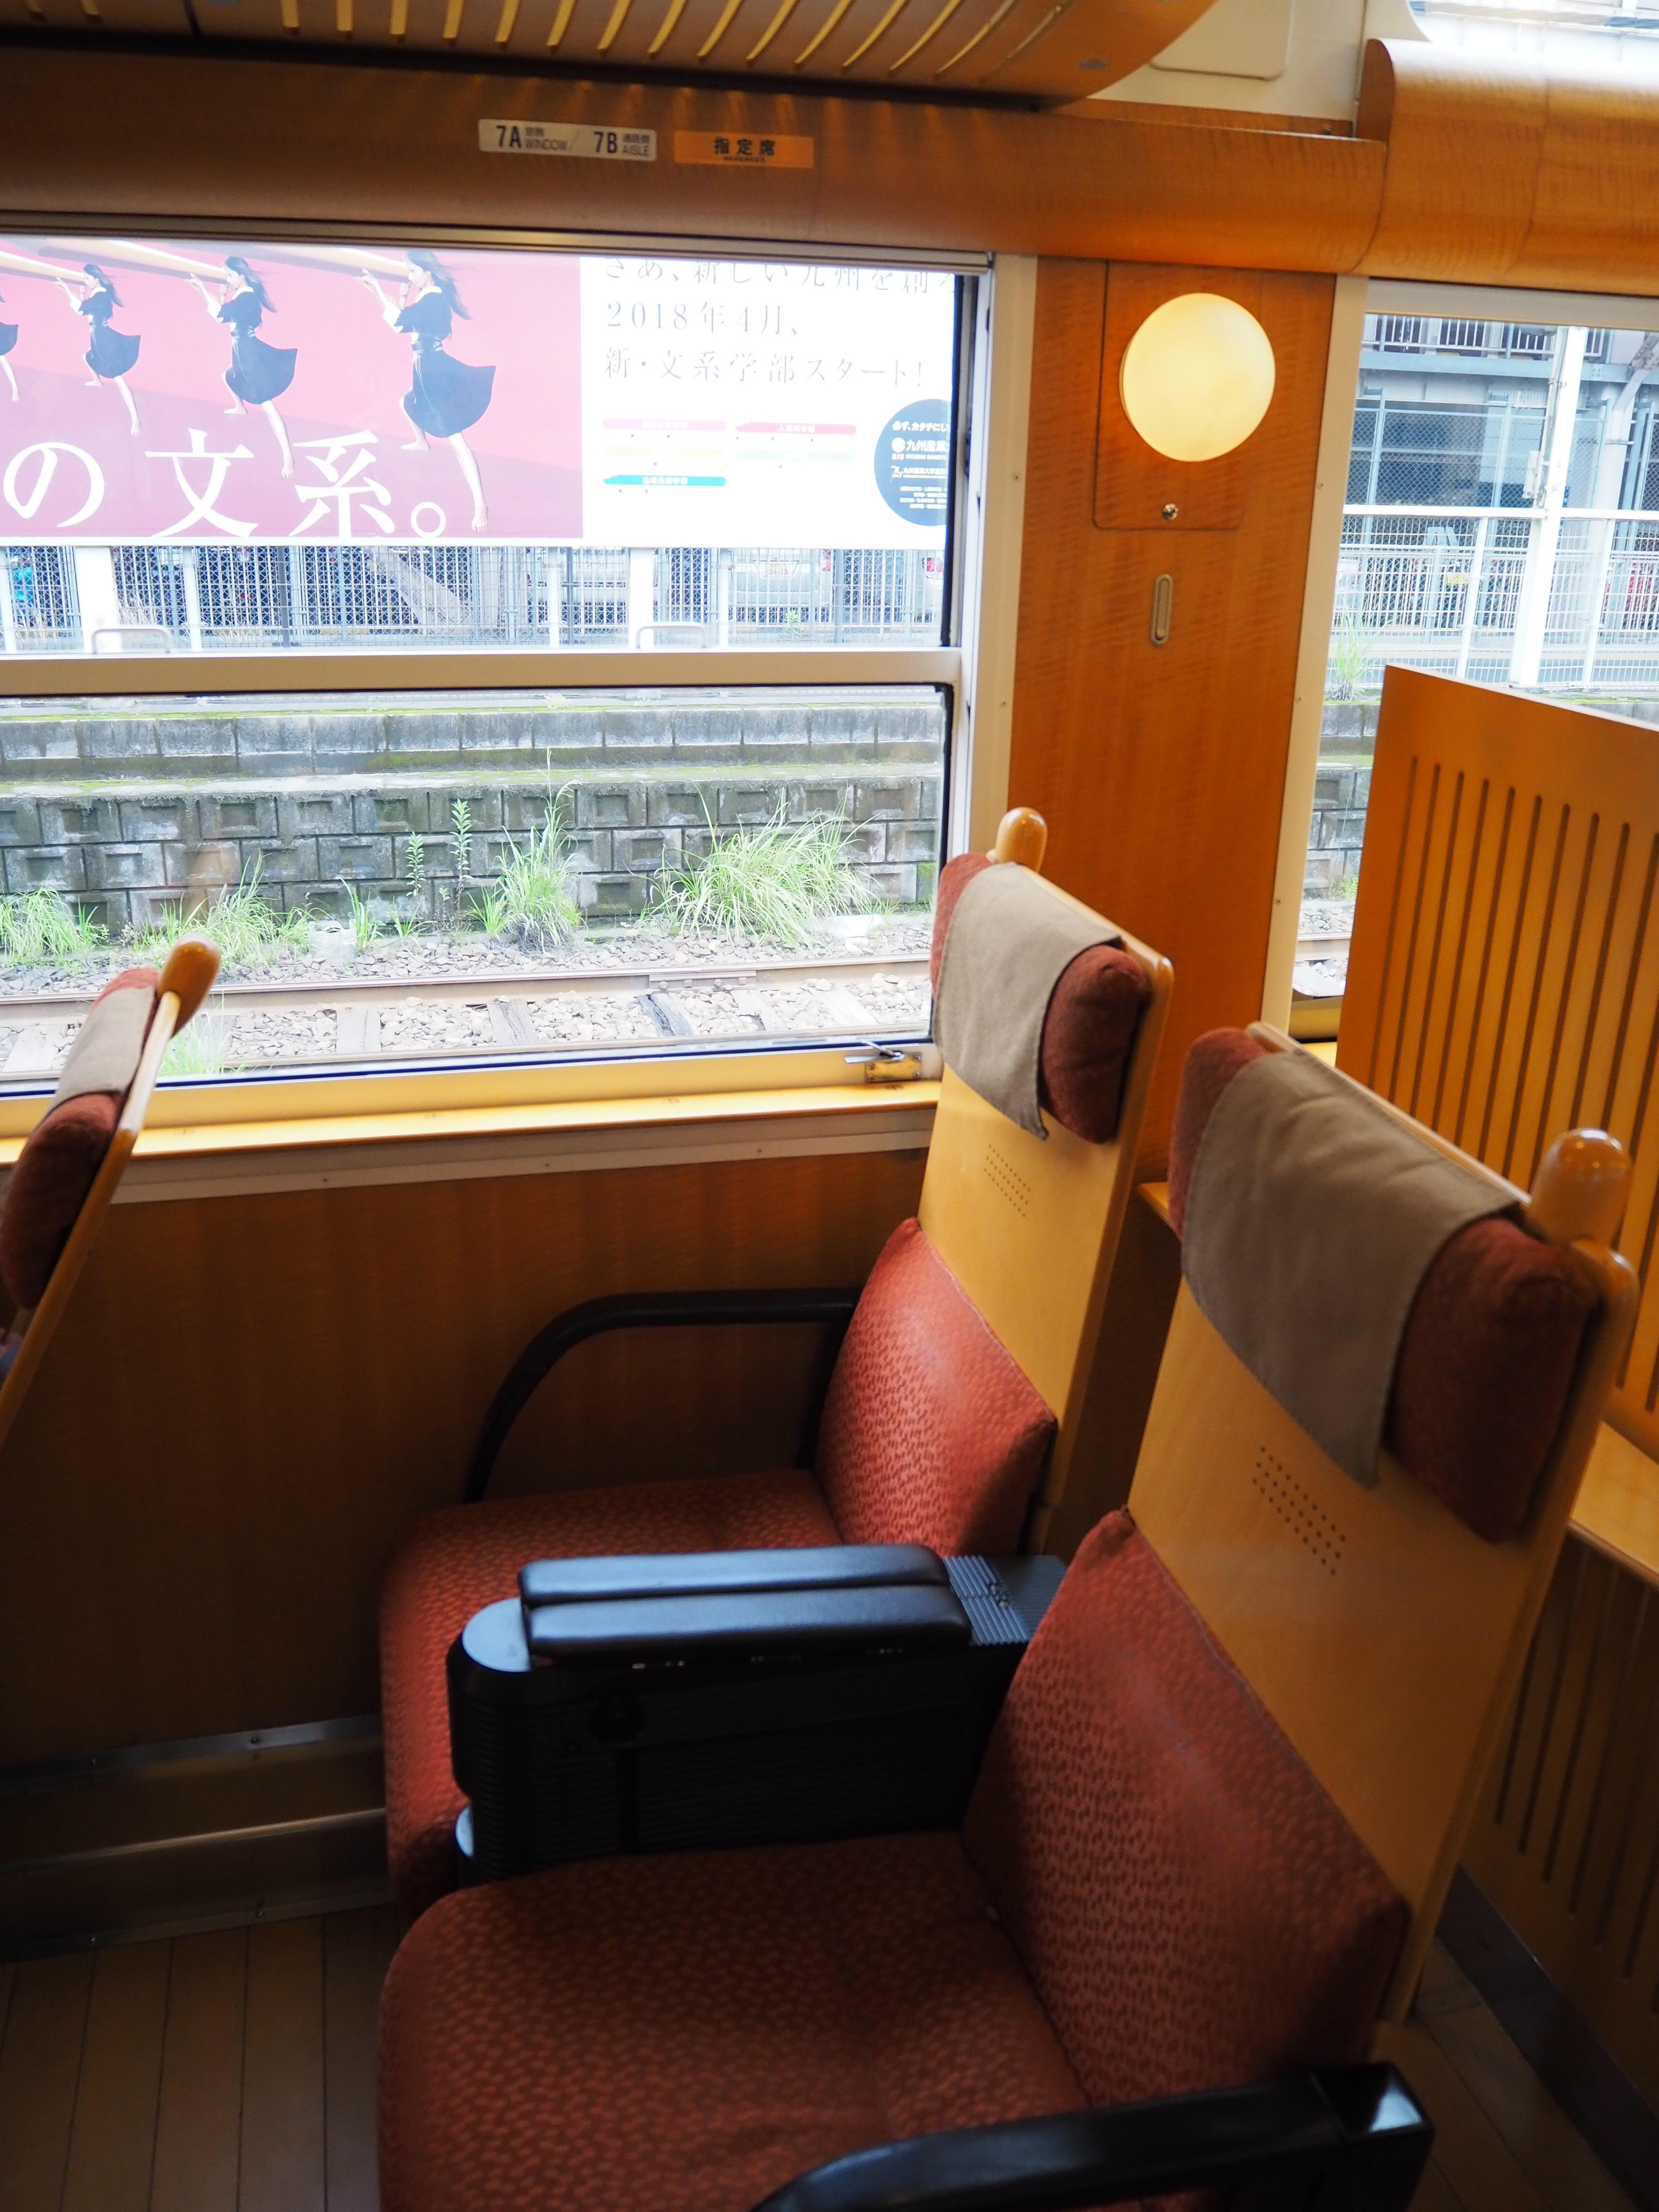 [回憶] 日本鹿兒島極簡短遊記 | LIHKG 討論區